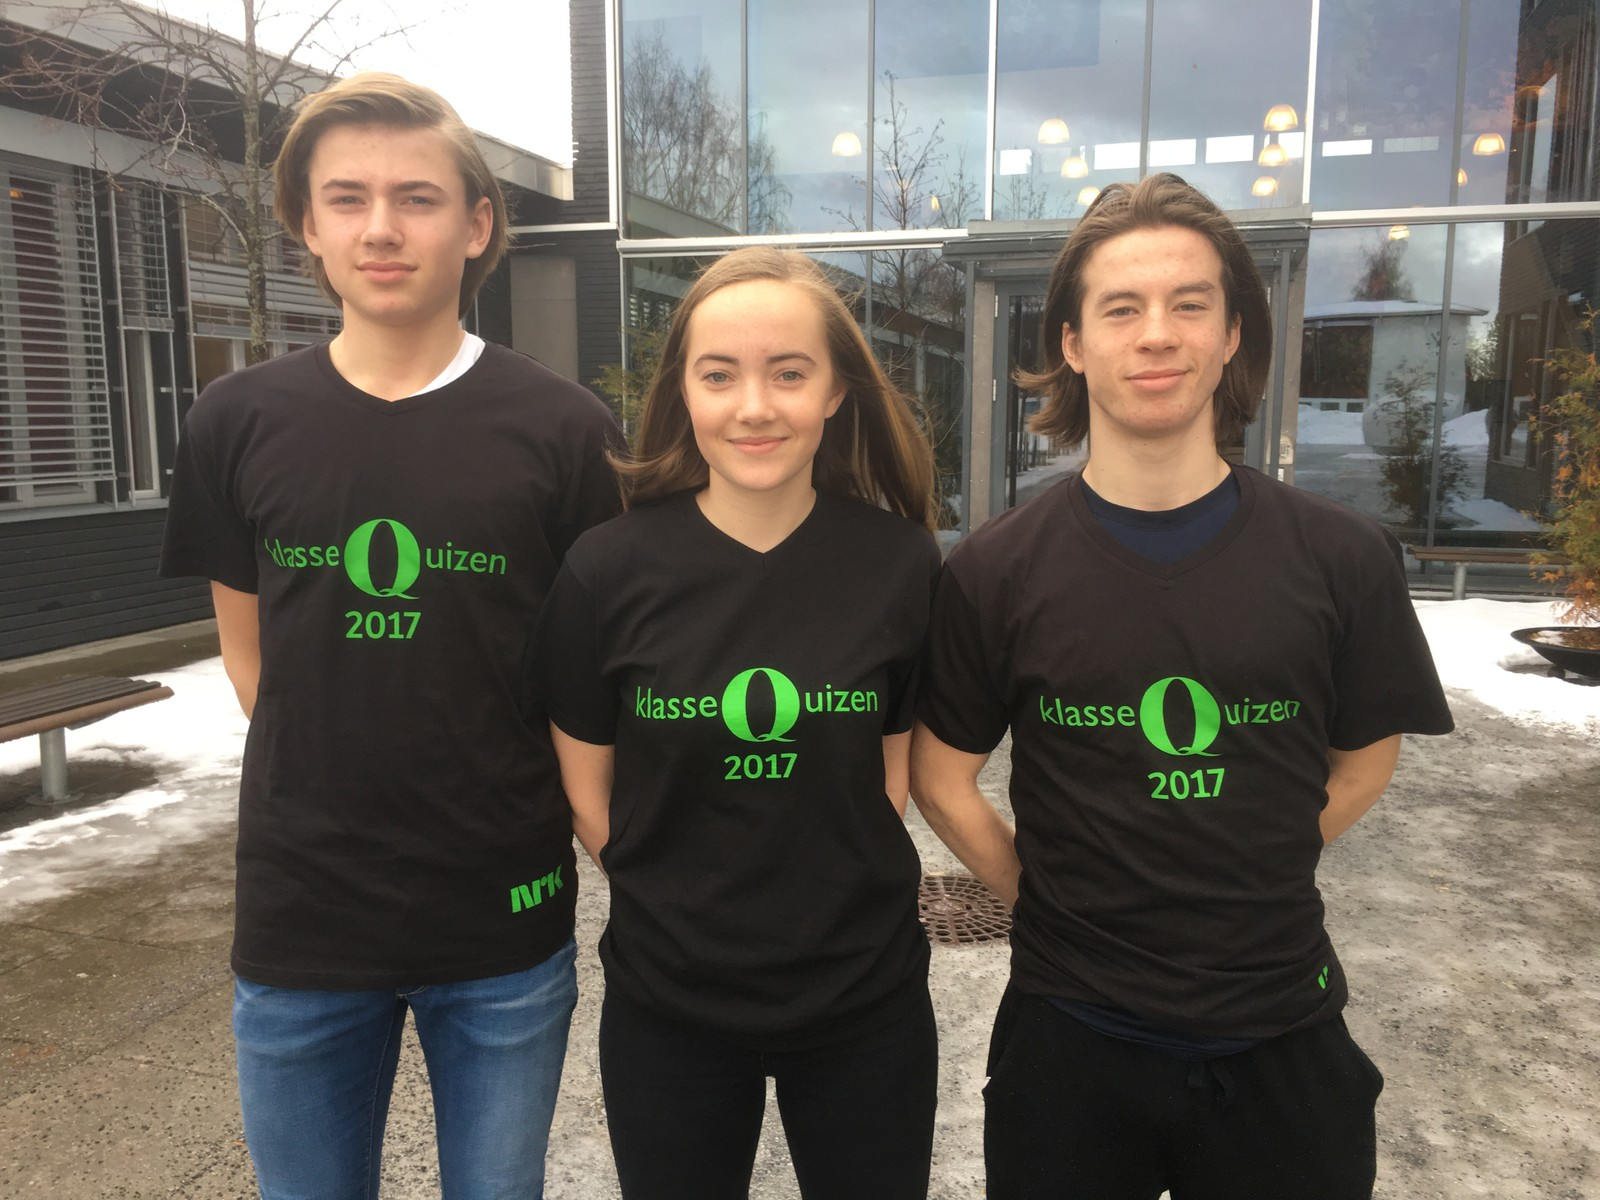 Ola Nordrum Isachsen, Ingrid Nygård Zachariassen og Sander Eng Strand fra Ener ungdomsskole klarte ni rette.